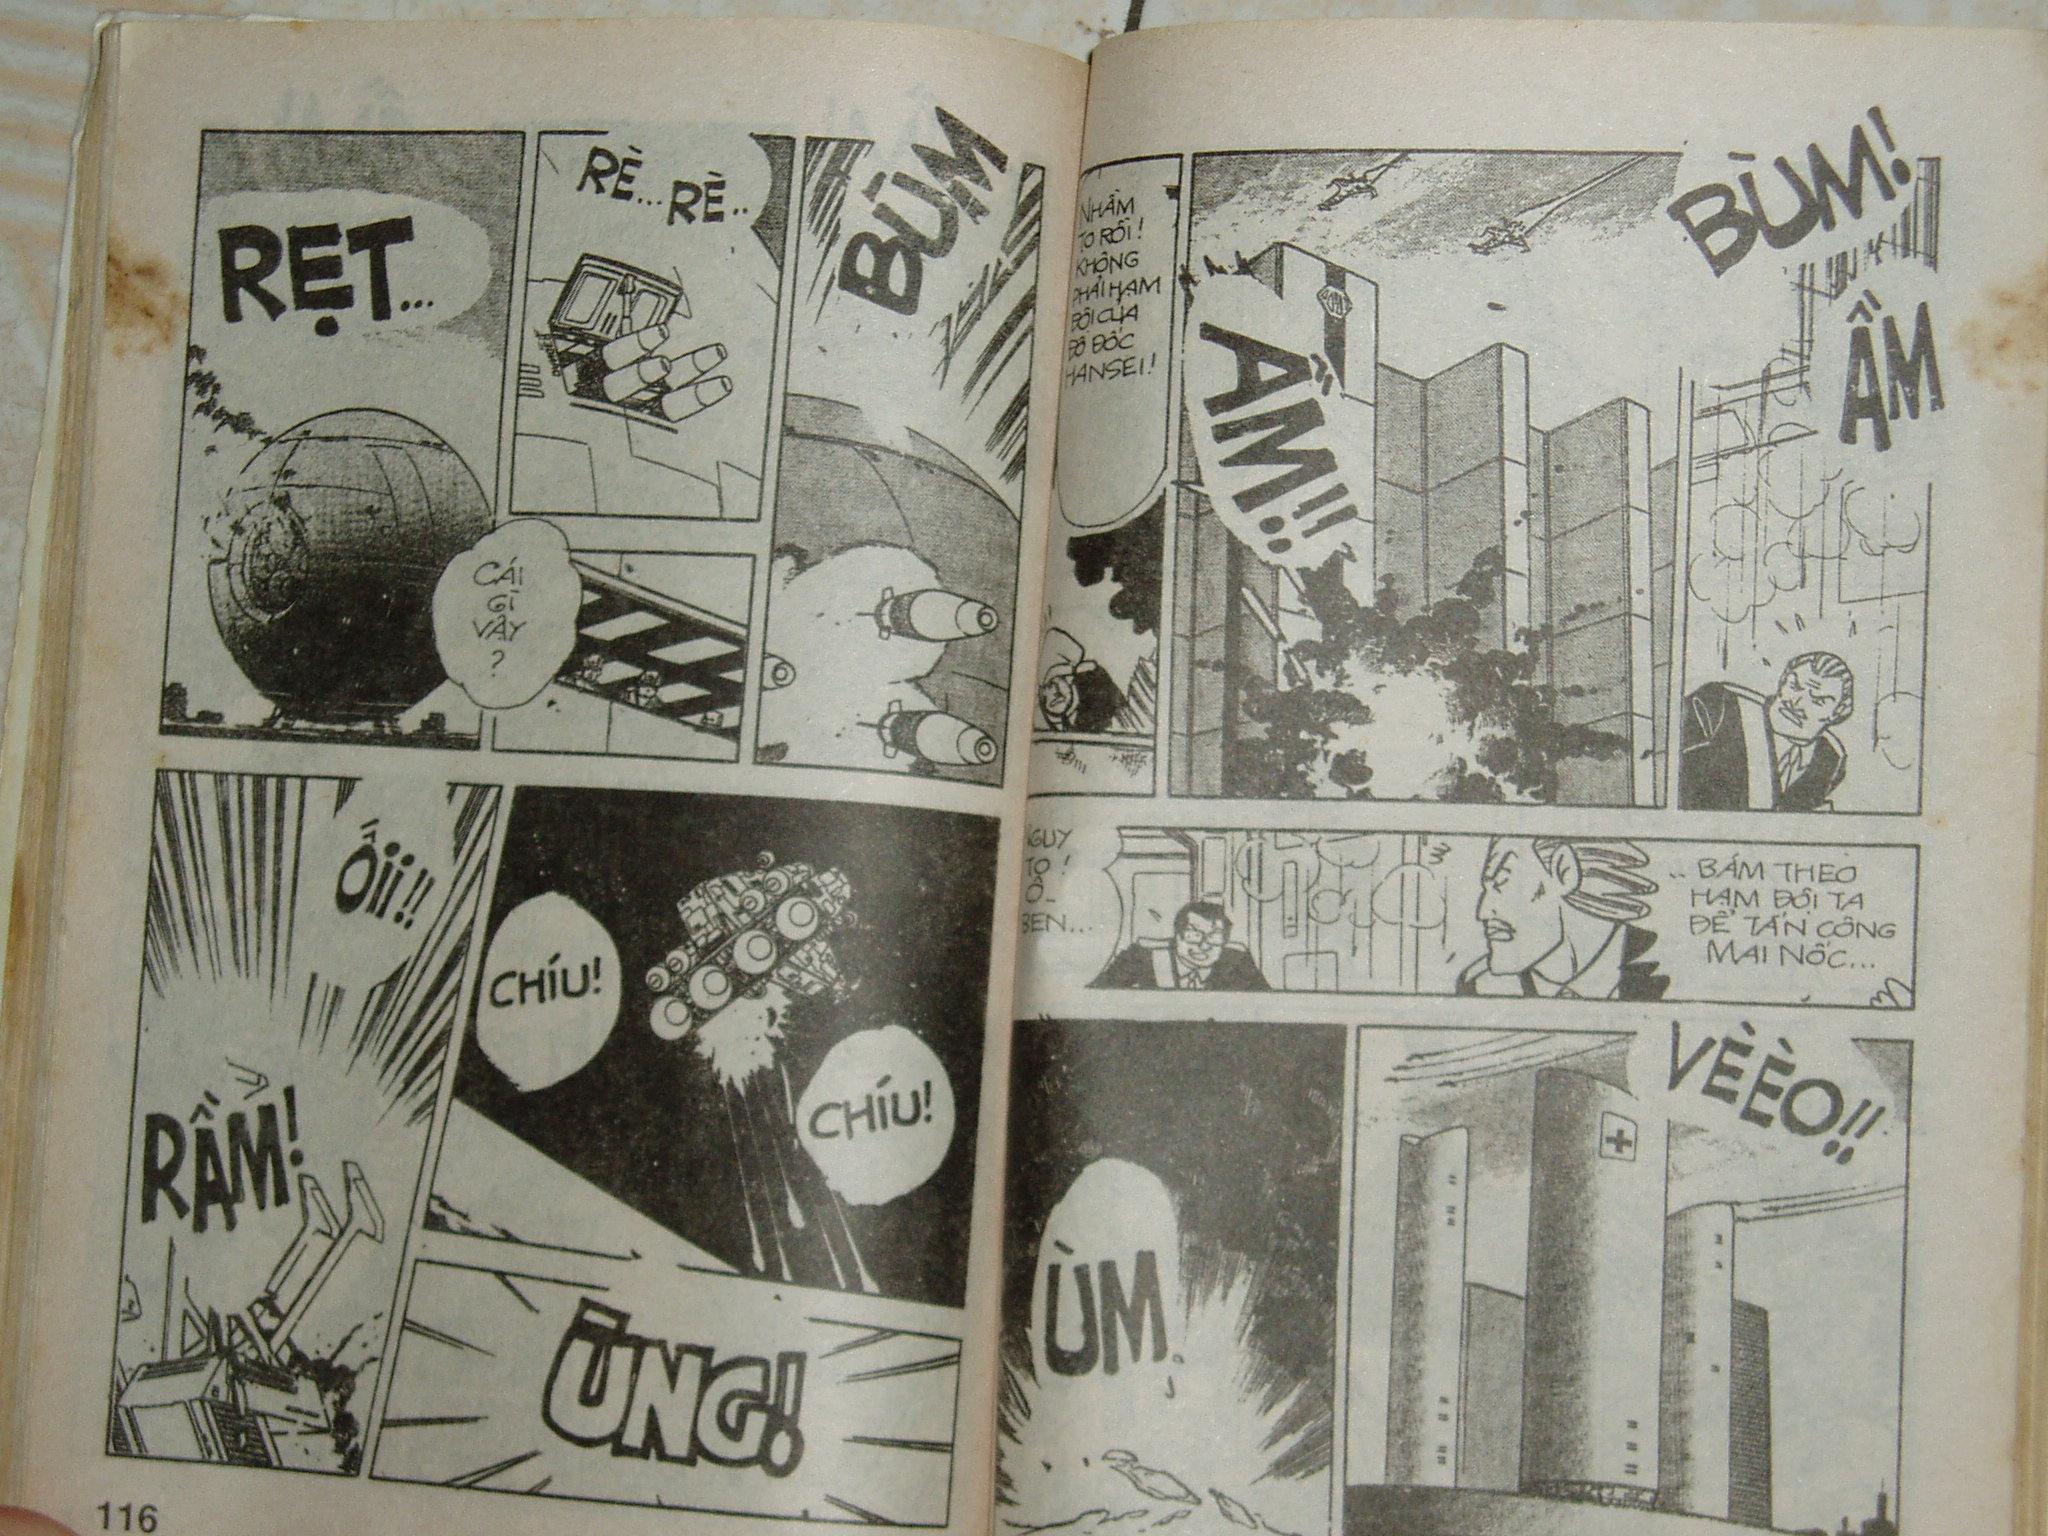 Siêu nhân Locke vol 13 trang 55